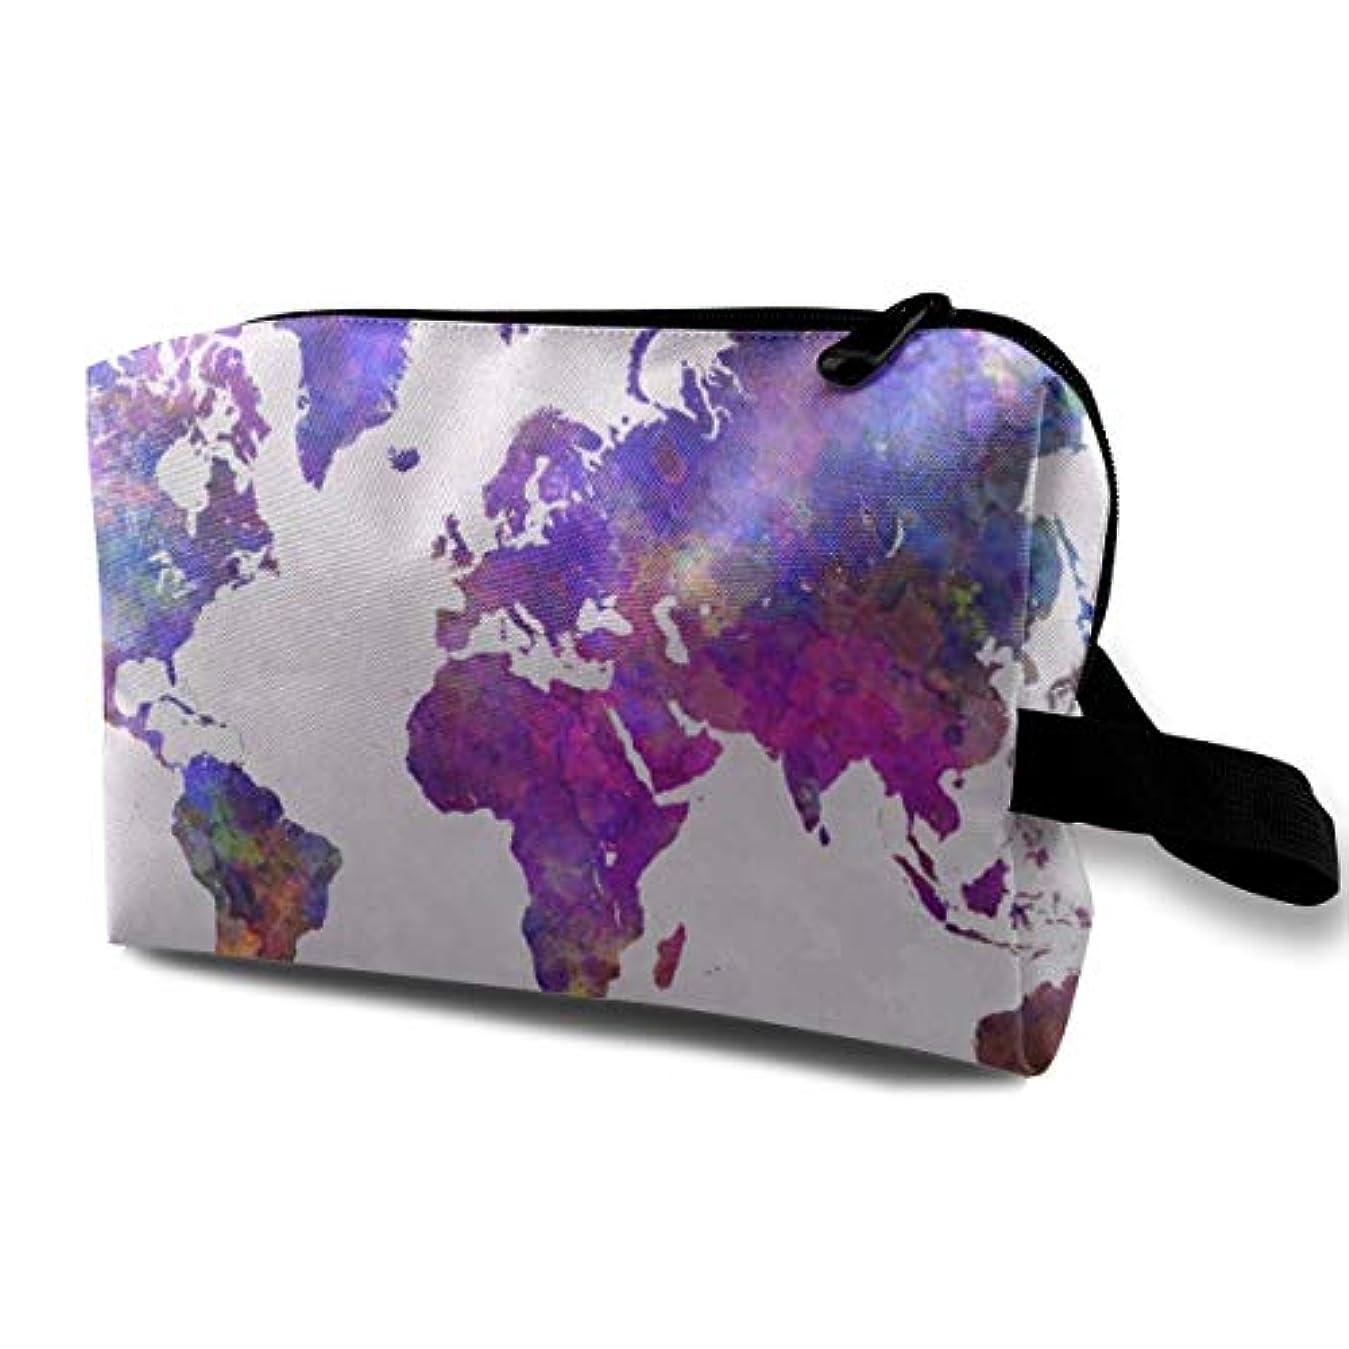 発見再生的加入Watercolor World Map 収納ポーチ 化粧ポーチ 大容量 軽量 耐久性 ハンドル付持ち運び便利。入れ 自宅?出張?旅行?アウトドア撮影などに対応。メンズ レディース トラベルグッズ